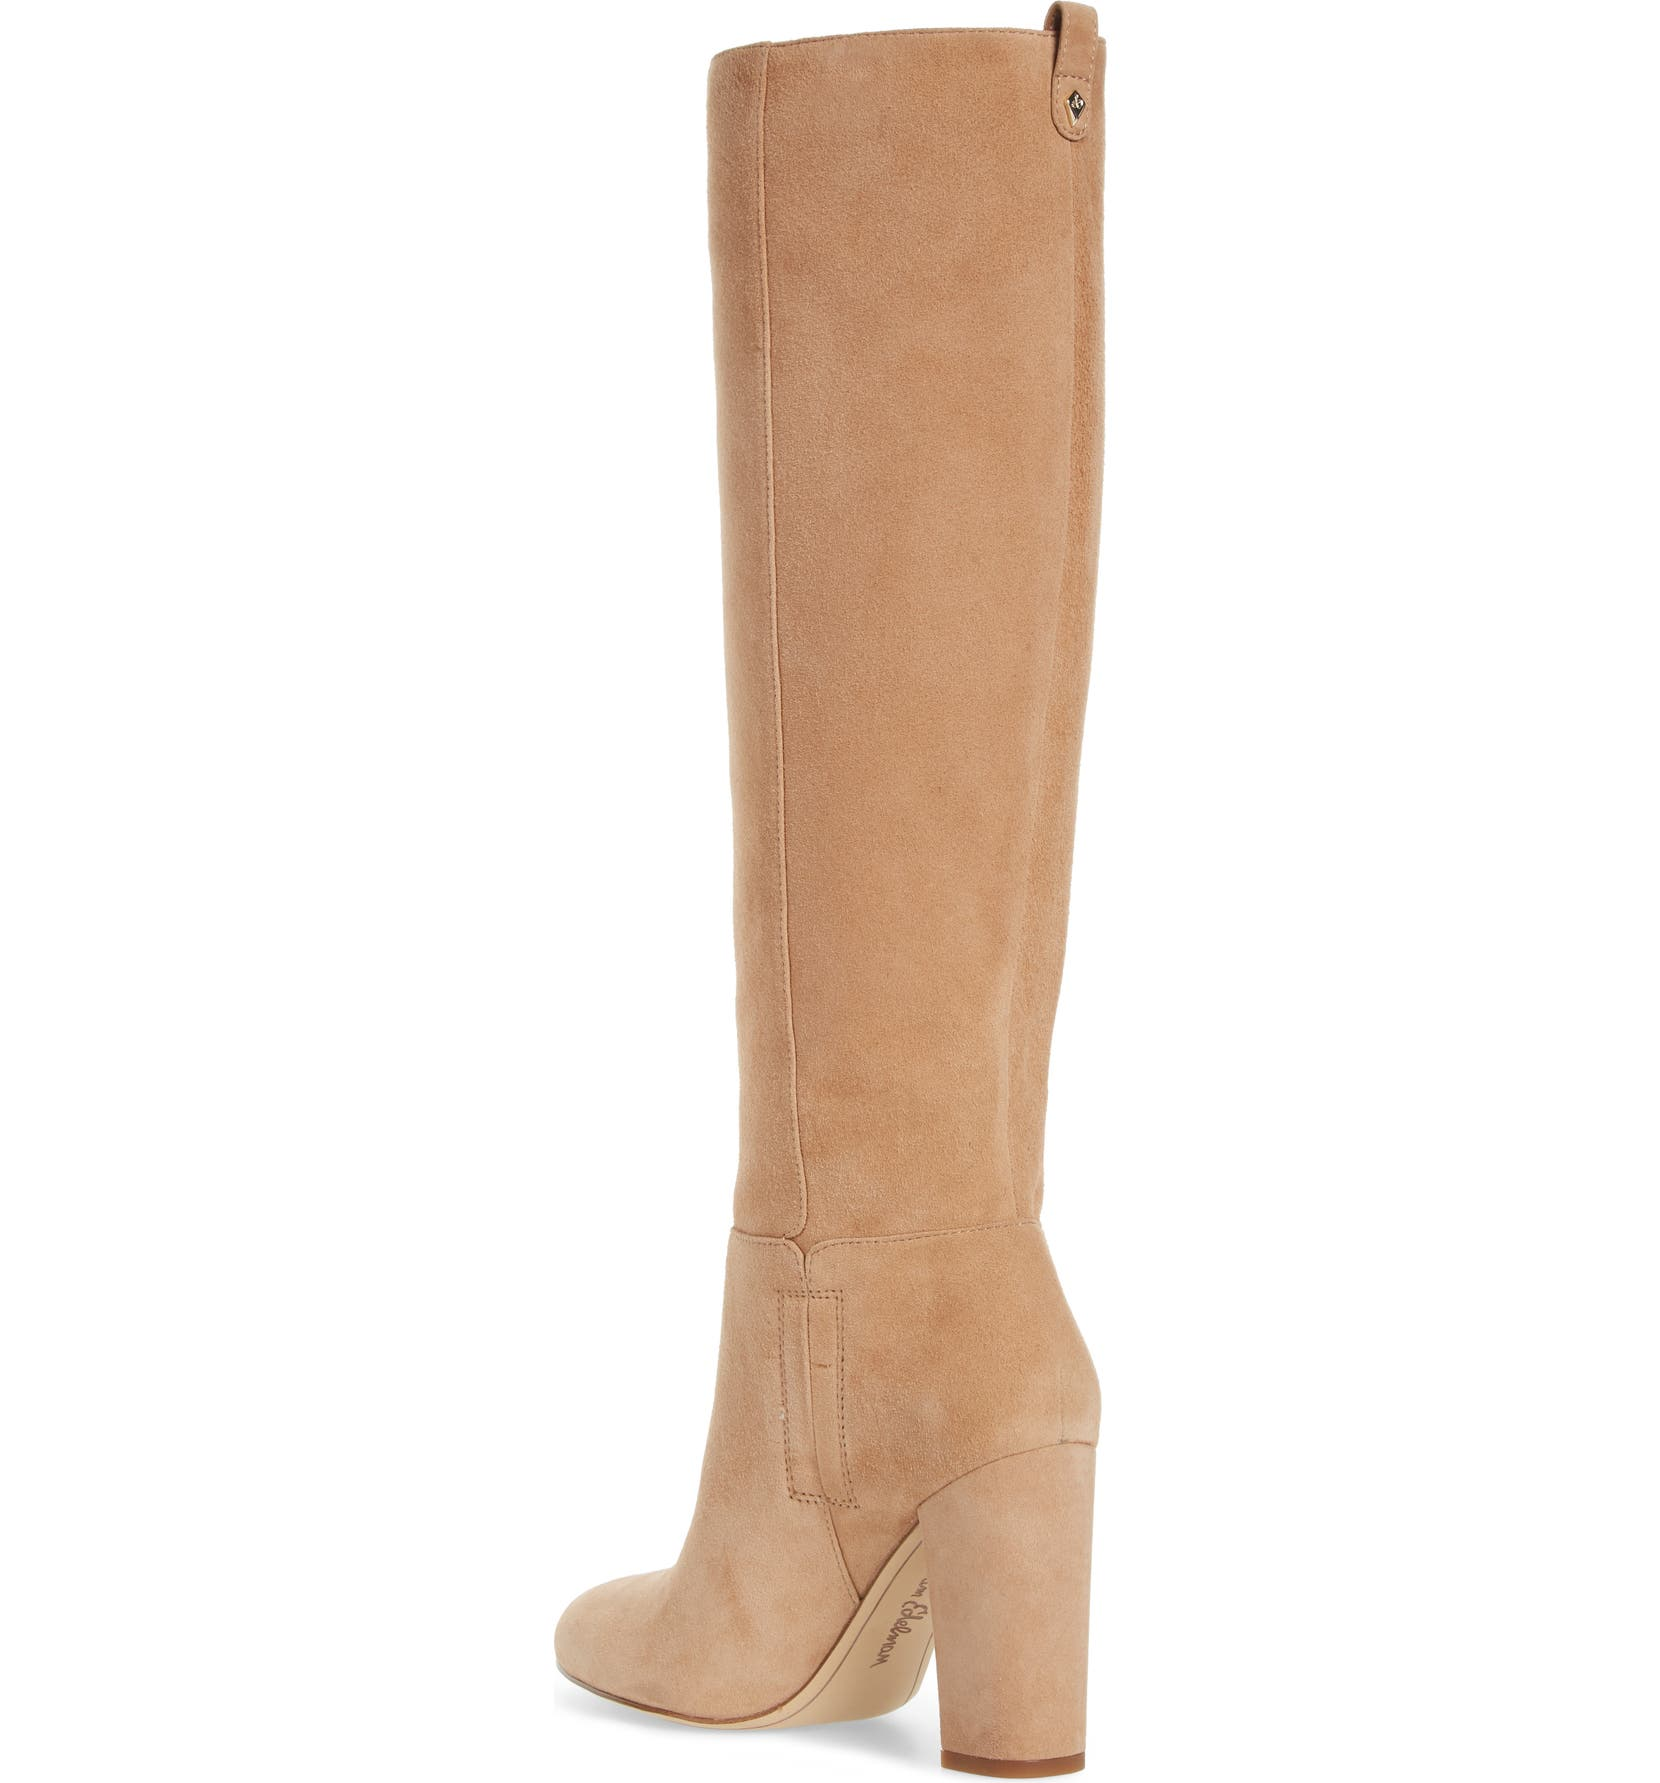 de73f5383 Sam Edelman Caprice Knee-High Boot (Women)   Nordstrom